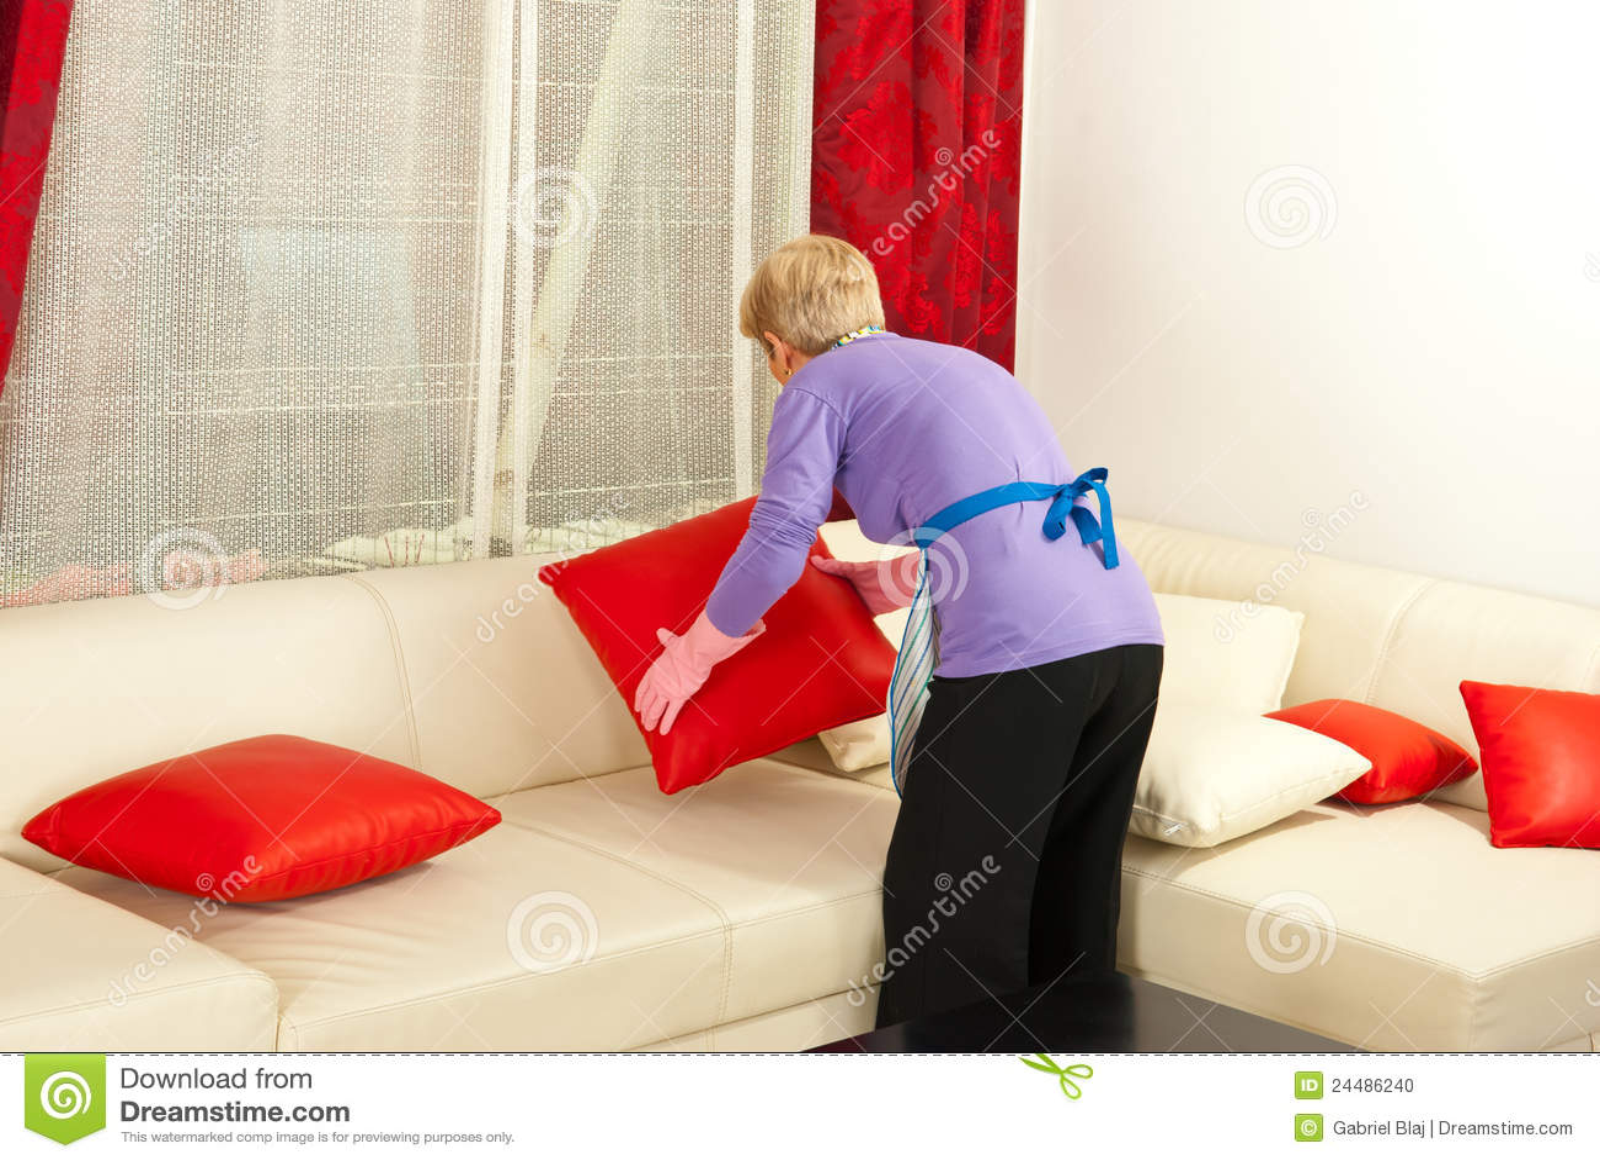 Woman Arrange Pillows On Sofa Stock Photo Image 24486240